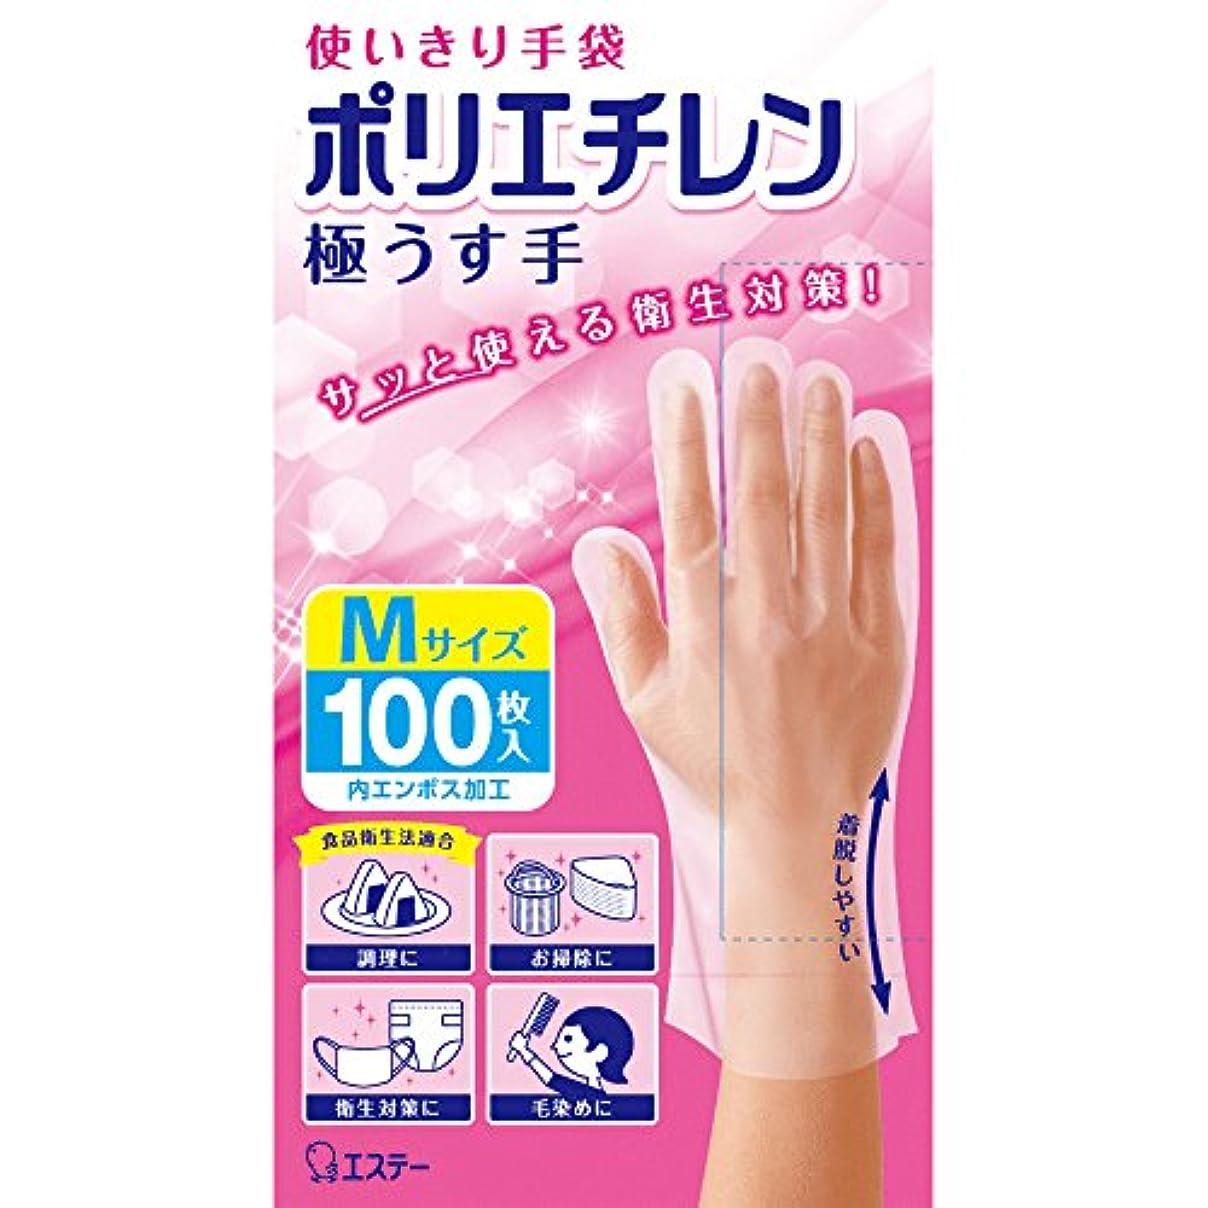 状診断する垂直使いきり手袋 ポリエチレン 極うす手 Mサイズ 半透明 100枚 使い捨て 食品衛生法適合